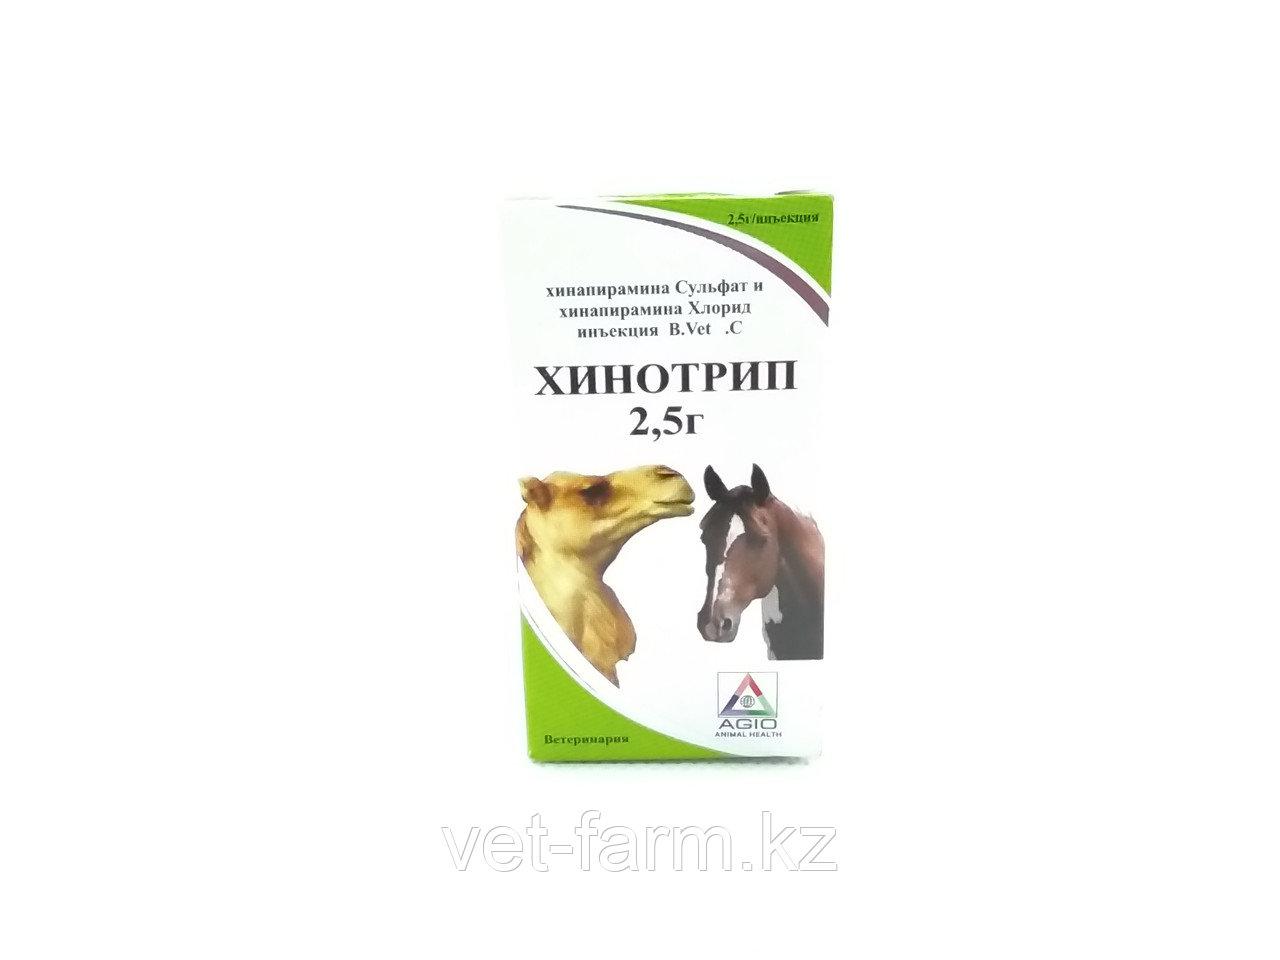 Хинотрип 2,5 гр (аналог Наганина)